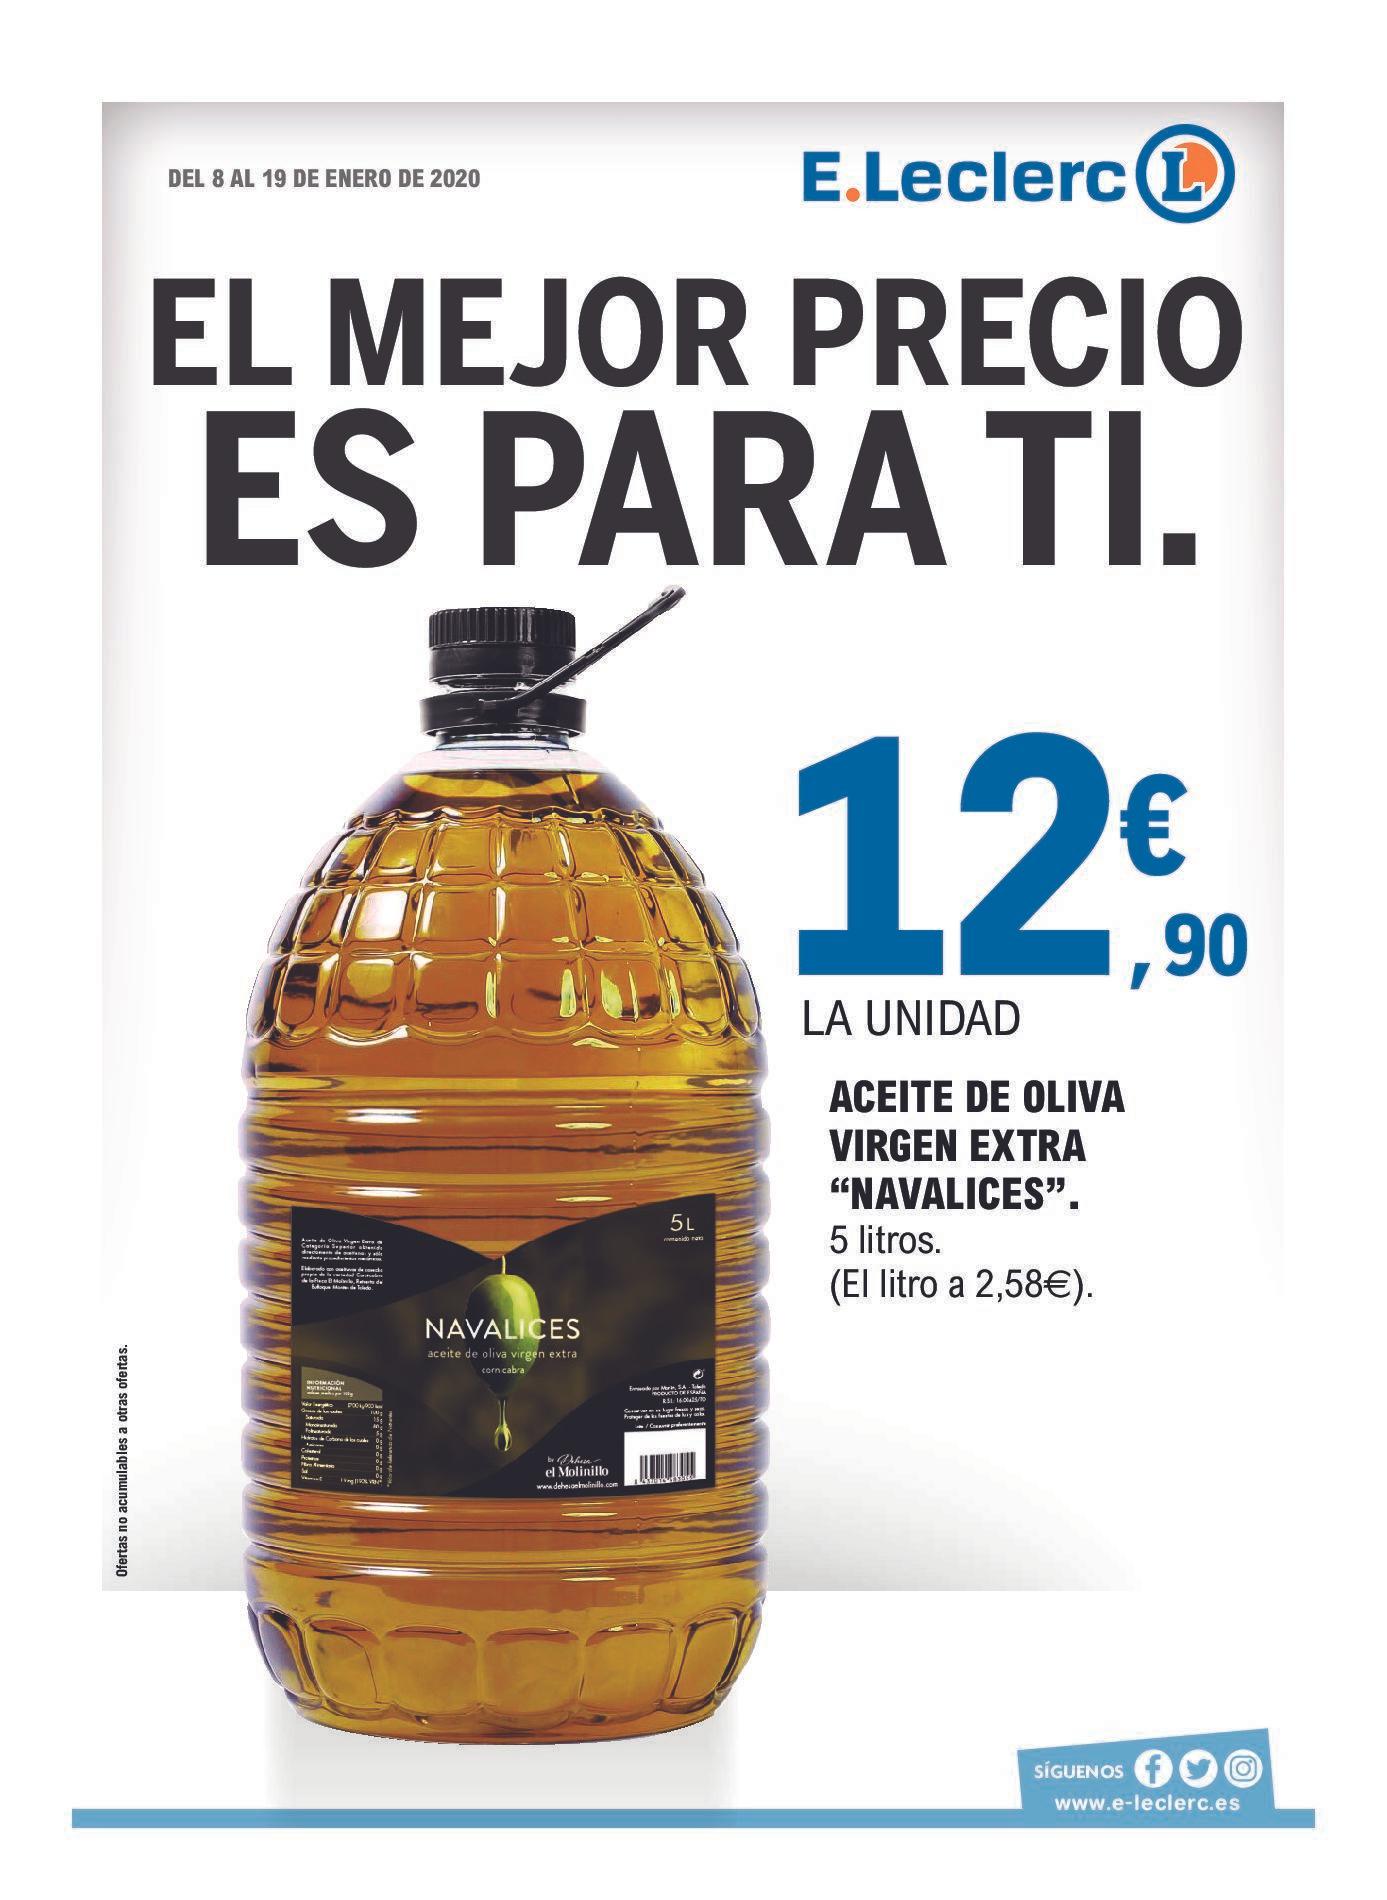 Garrafa de 5 litros aceite de oliva virgen extra (NAVALICES, E-leclerc)